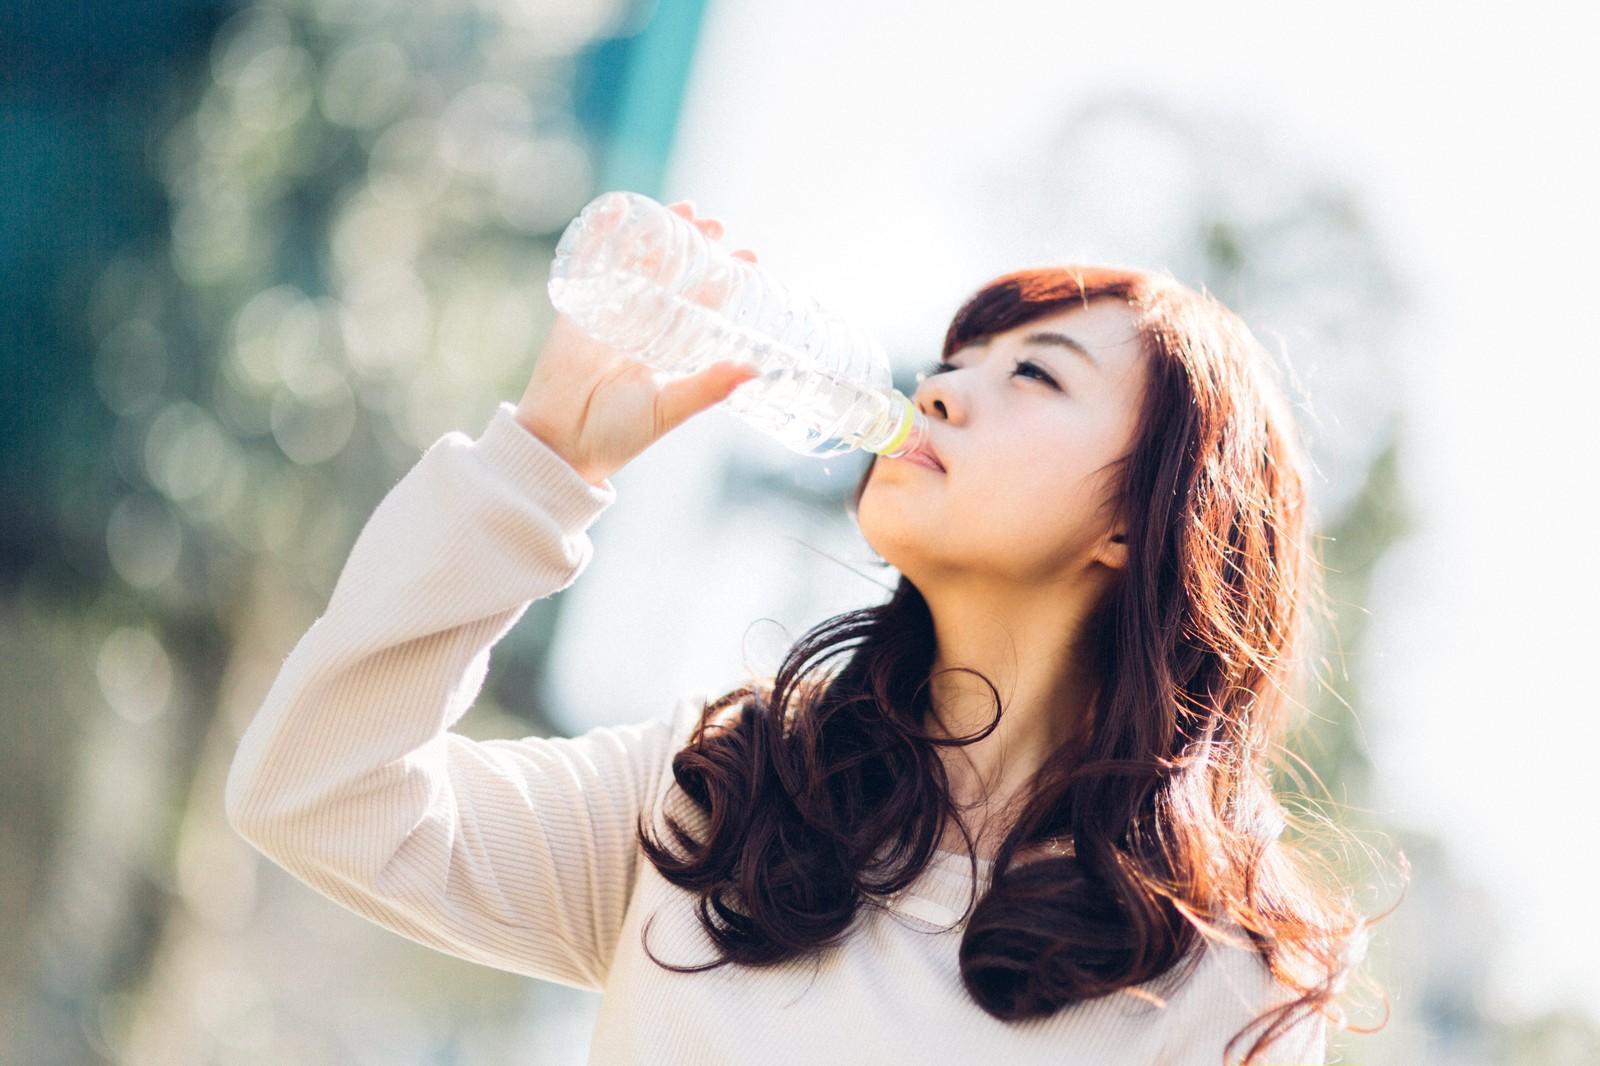 水分補給は大切だけど、ムダな水はいらない!